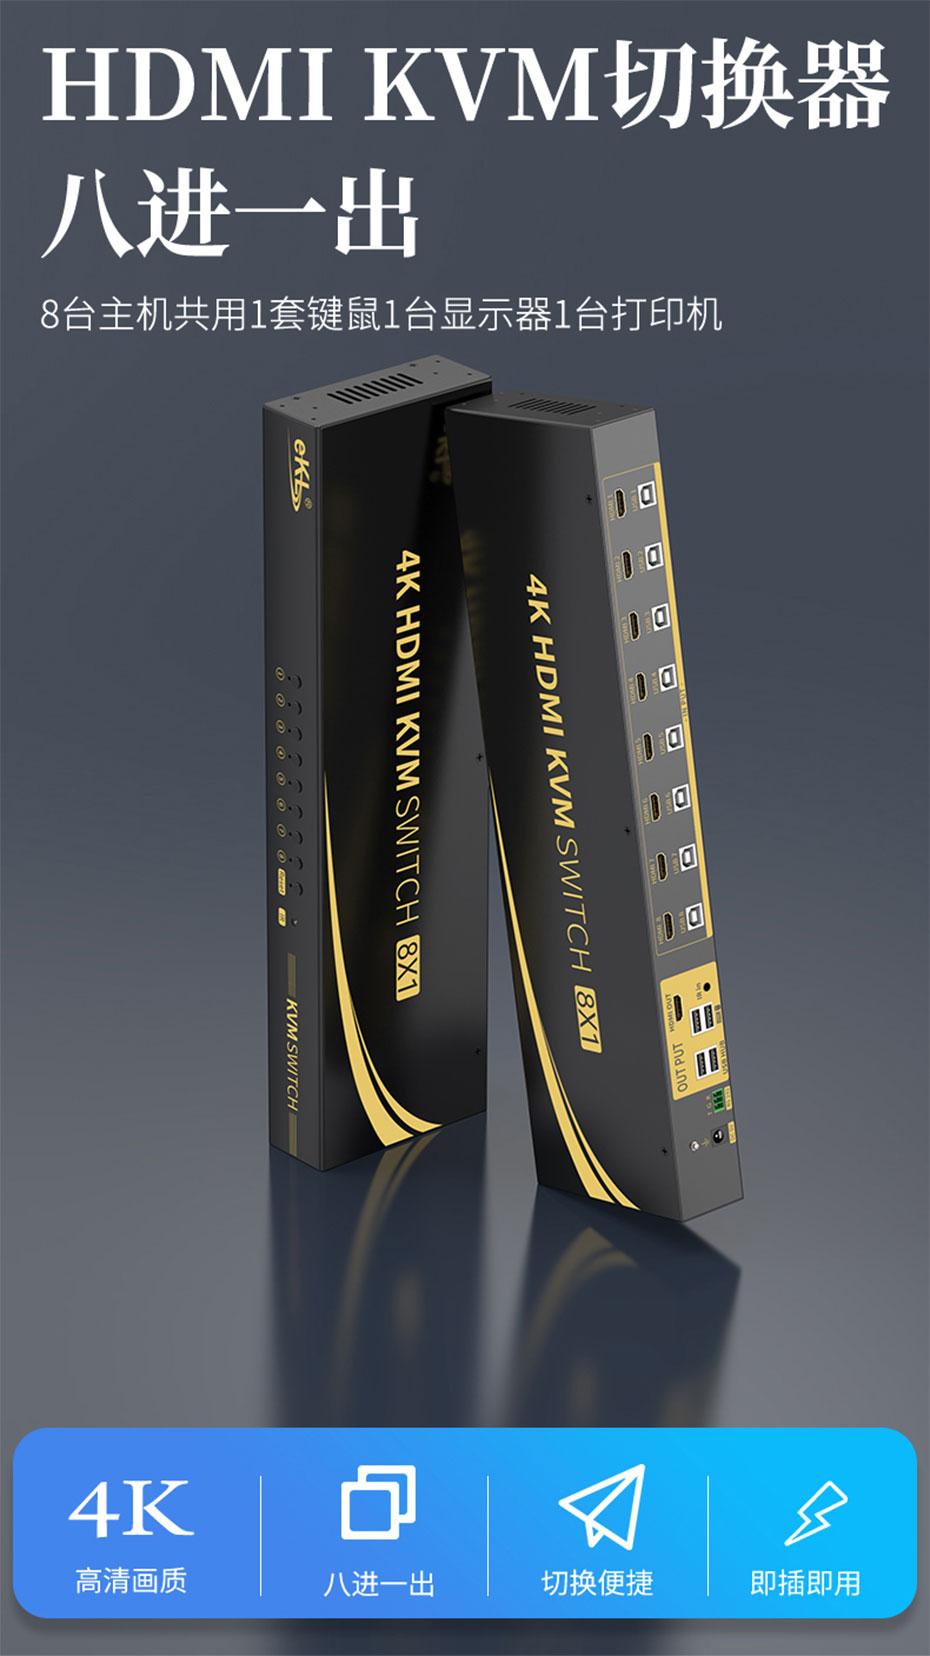 HDMI KVM切换器8进1出81HK